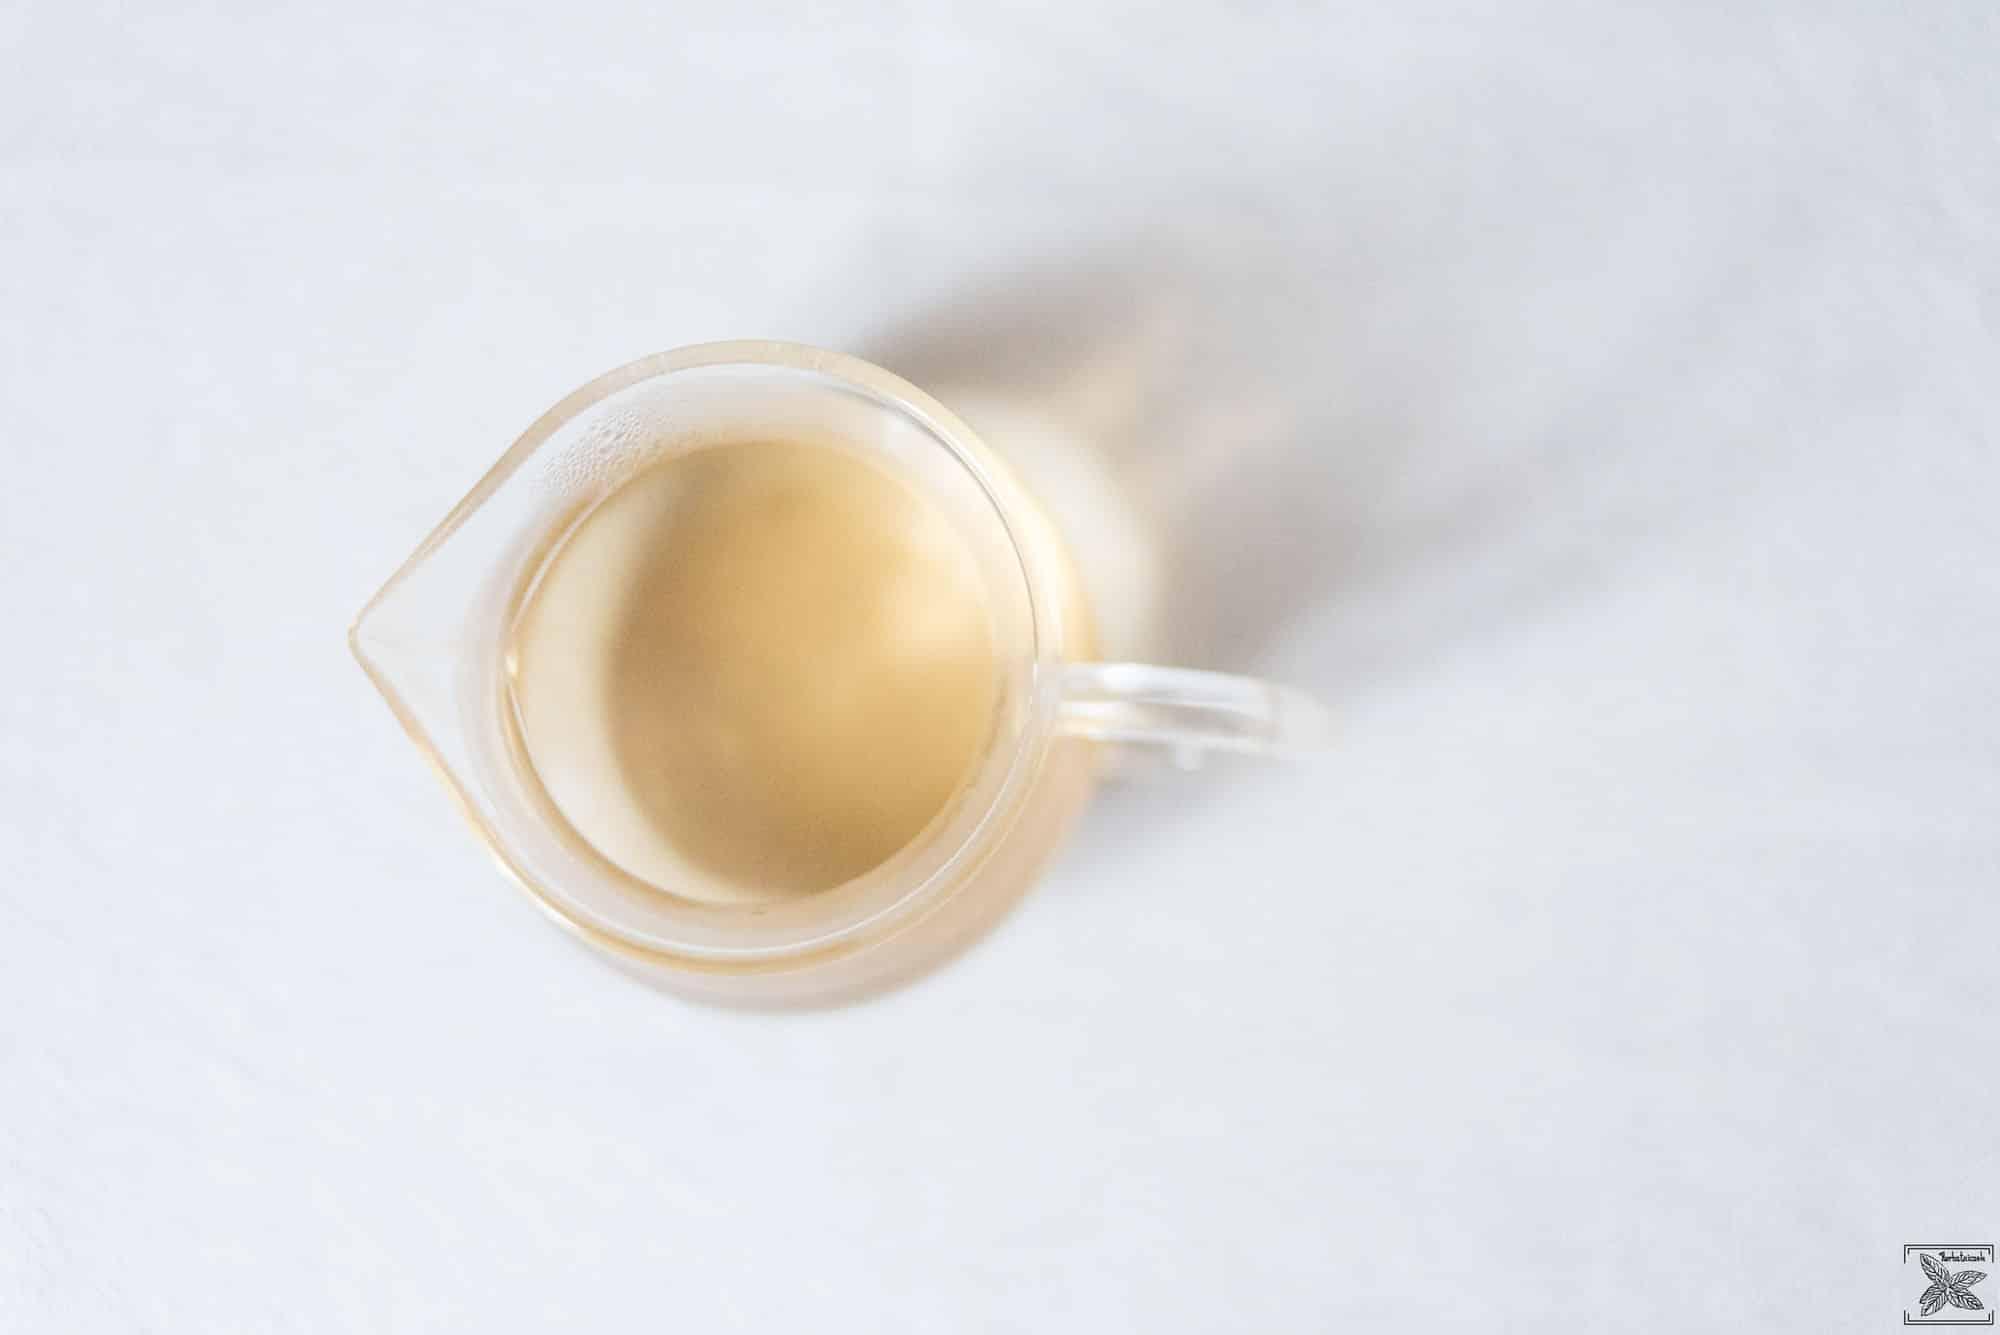 Zielona herbata z Fujian - Oczy Fenixa: drugie parzenie herbaty